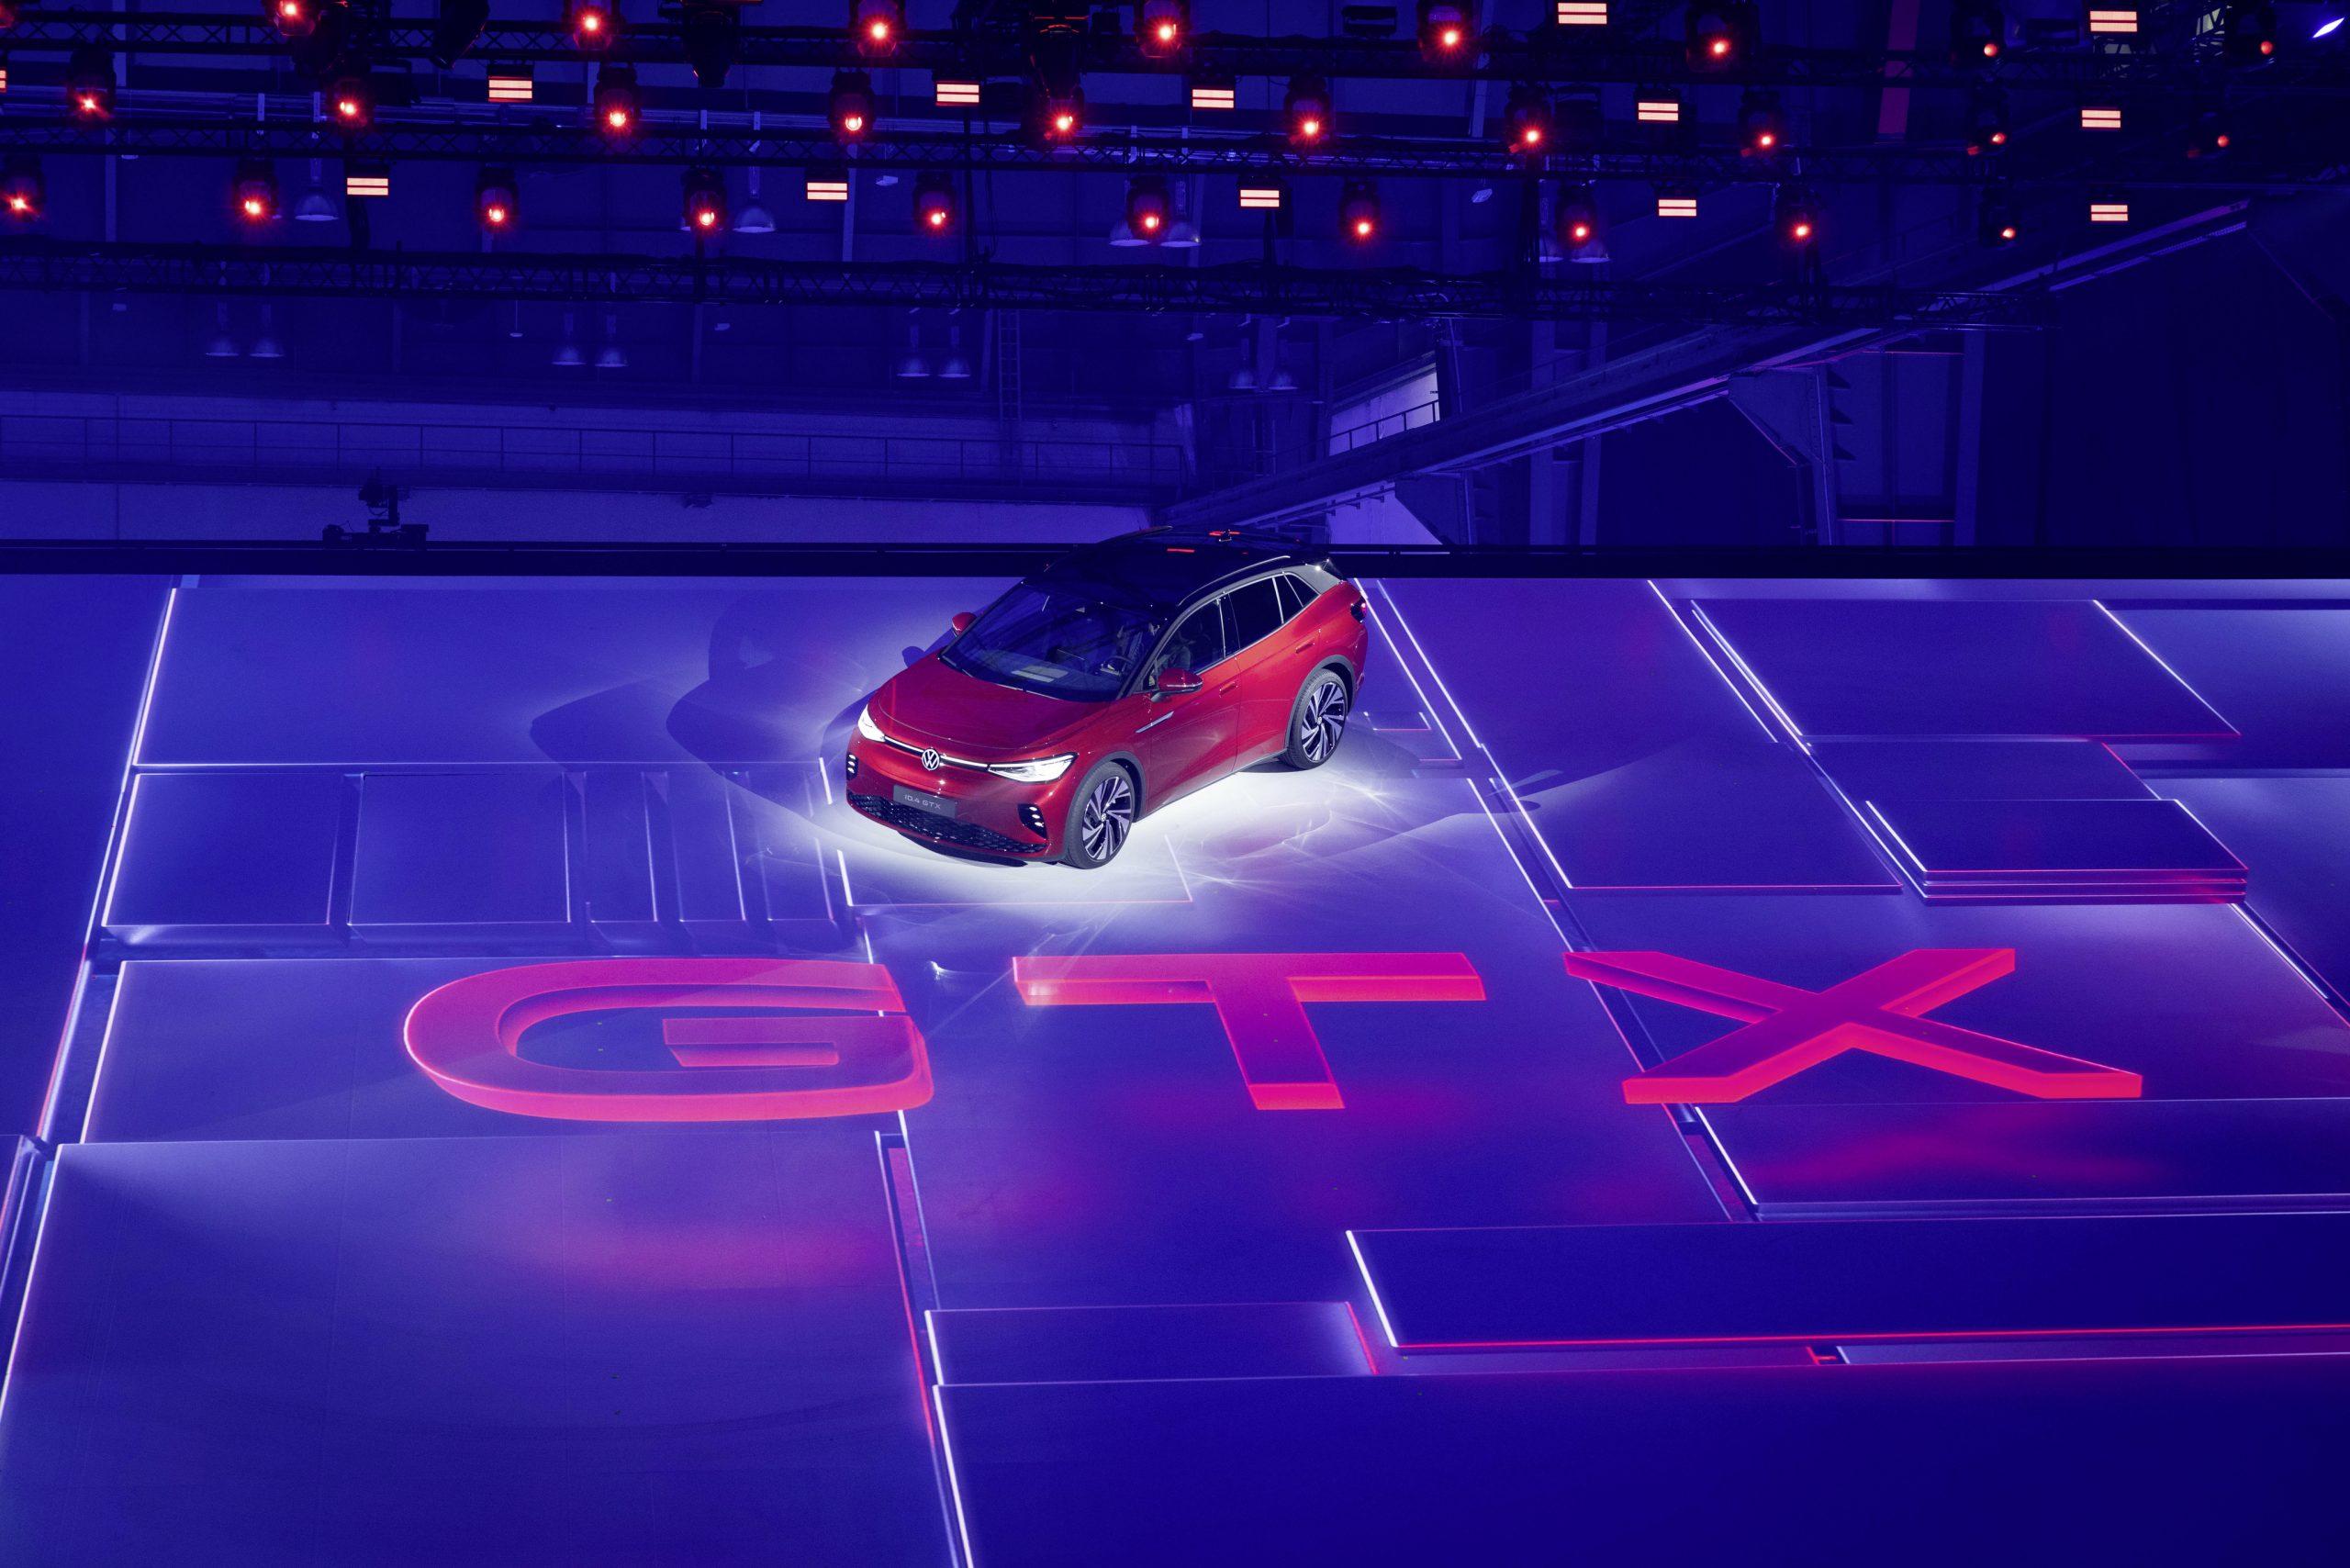 Volkswagen: 'In een waterstofauto zijn de energieverliezen significant'